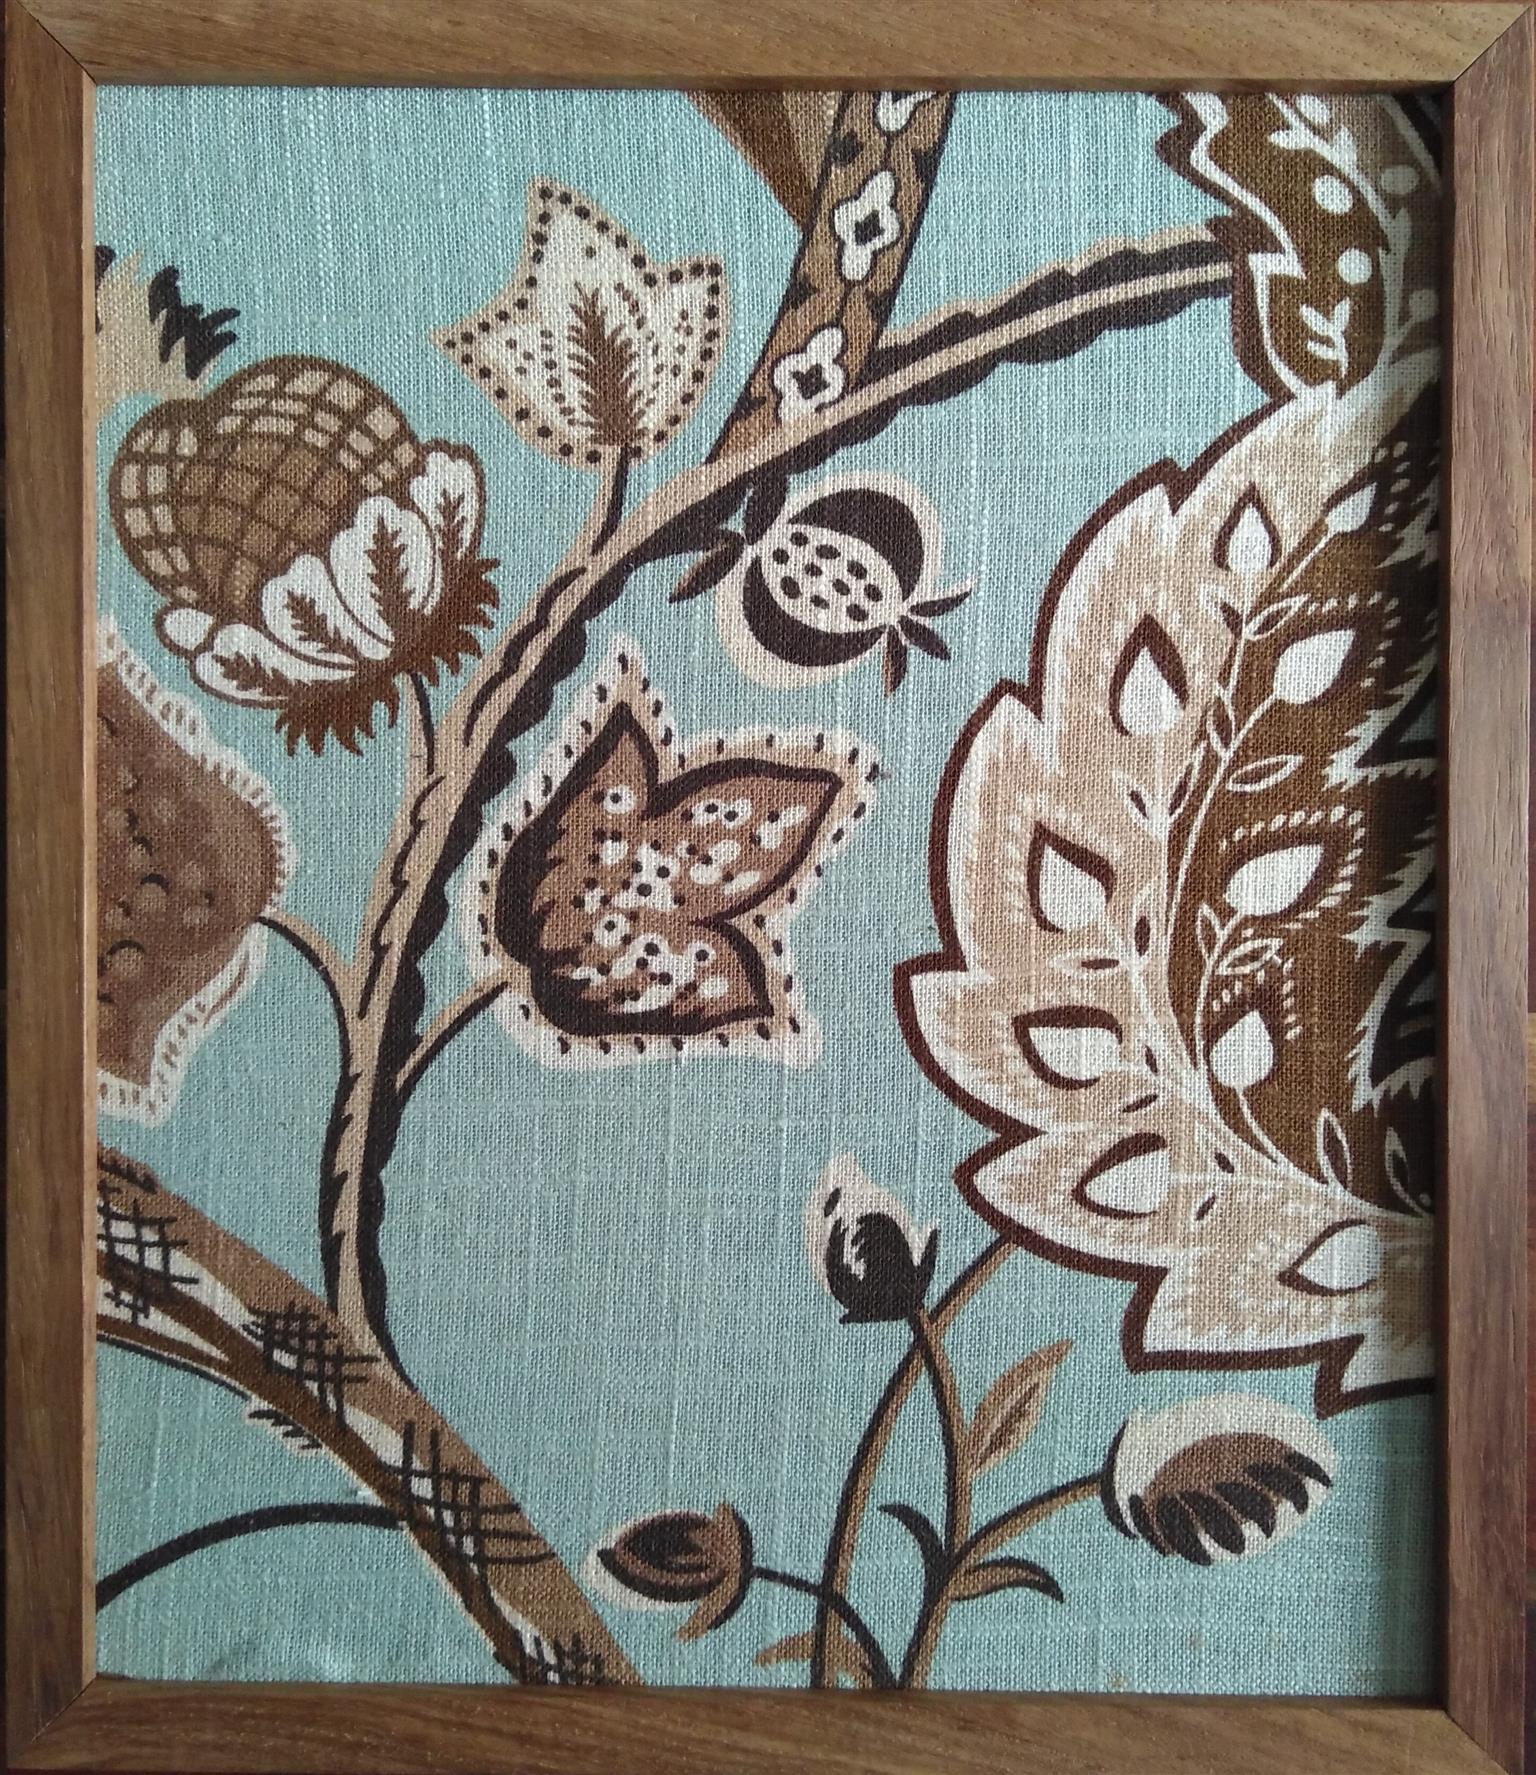 Textile Art for sale